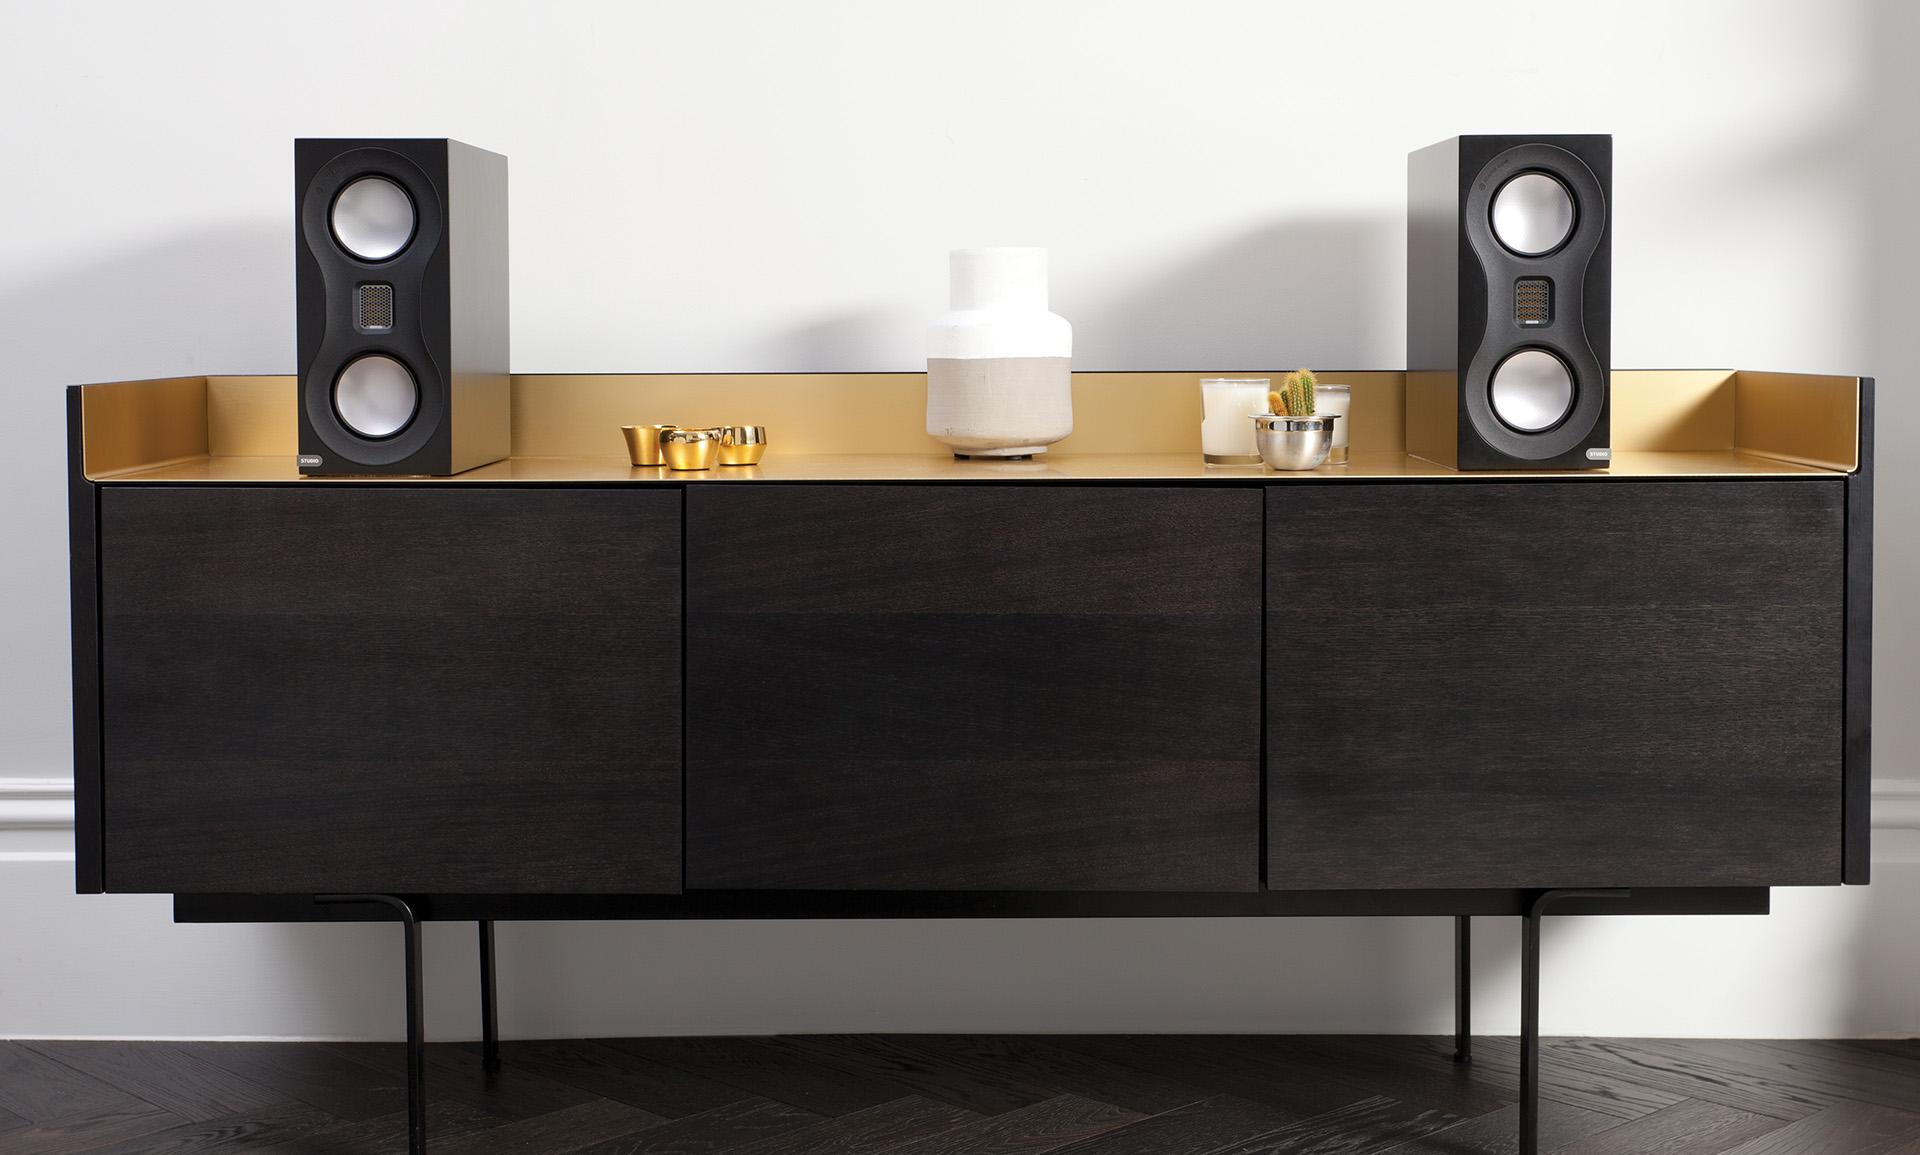 Отдохнуть после бурных вечеринок и расслабиться, со вкусом слушая свои любимые записи, поможет пара полочных колонок Monitor Audio Studio.